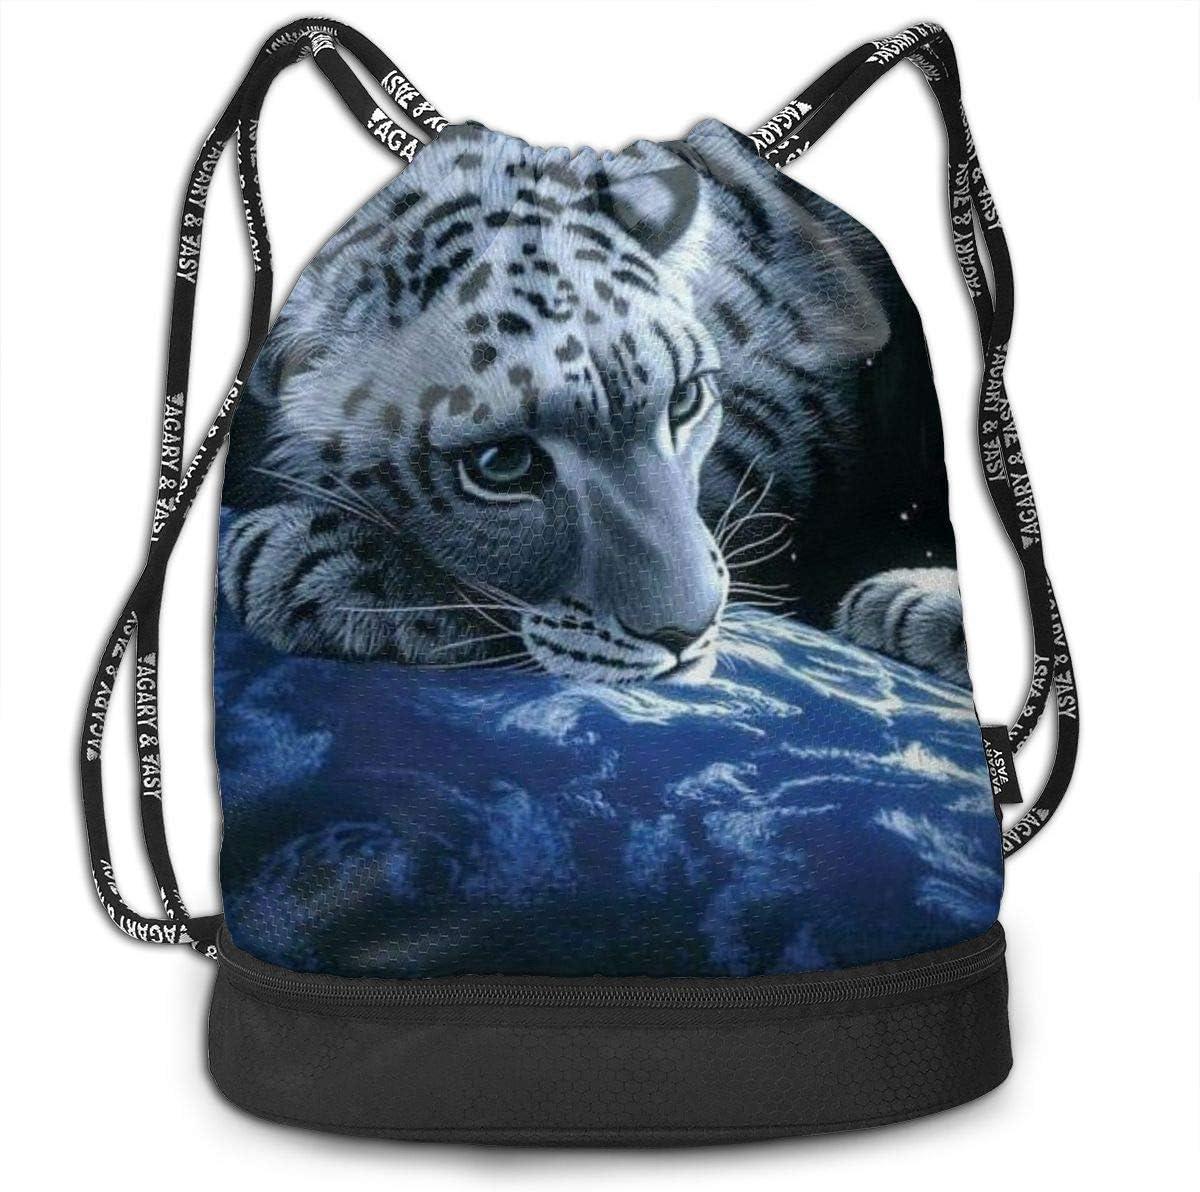 GymSack Drawstring Bag Sackpack Out Space Leopard Sport Cinch Pack Simple Bundle Pocke Backpack For Men Women